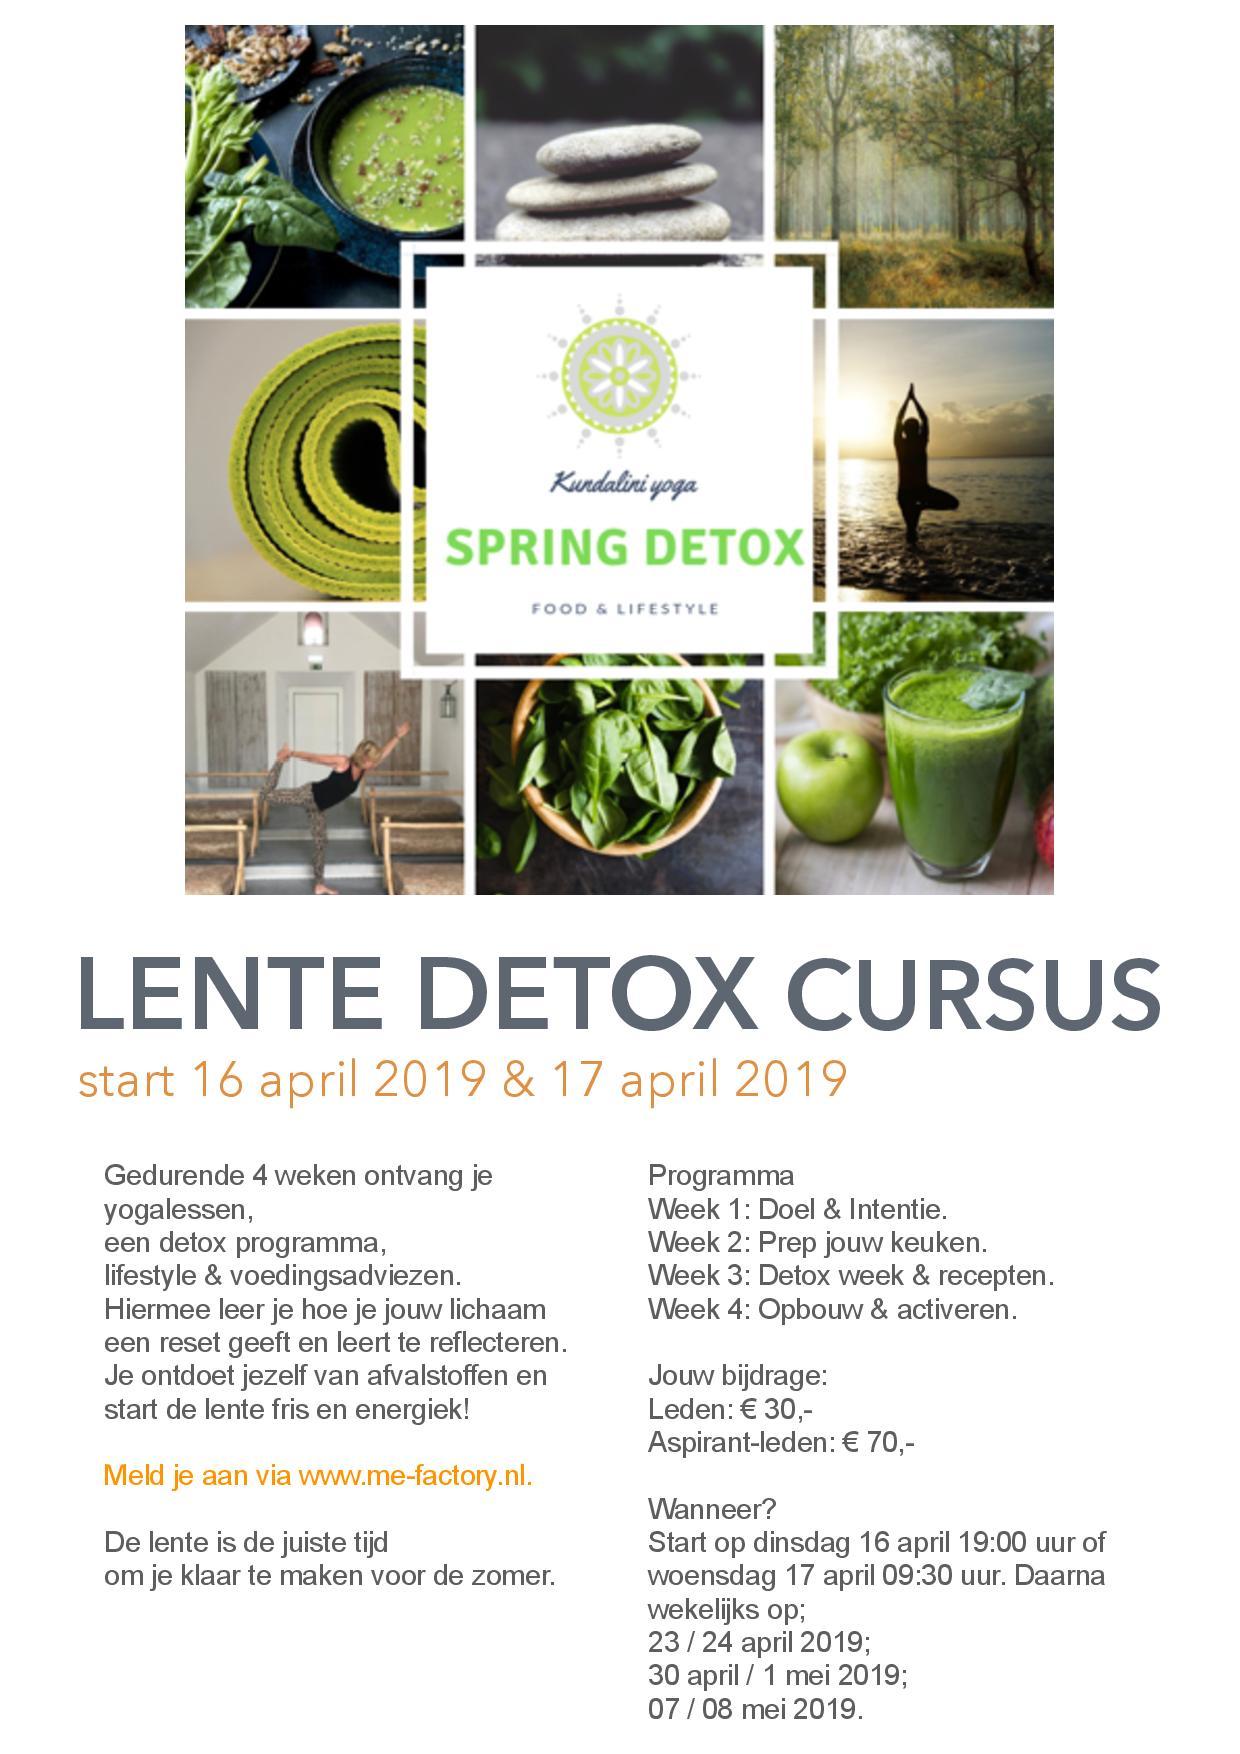 Lente Detox Cursus vanaf 16 april